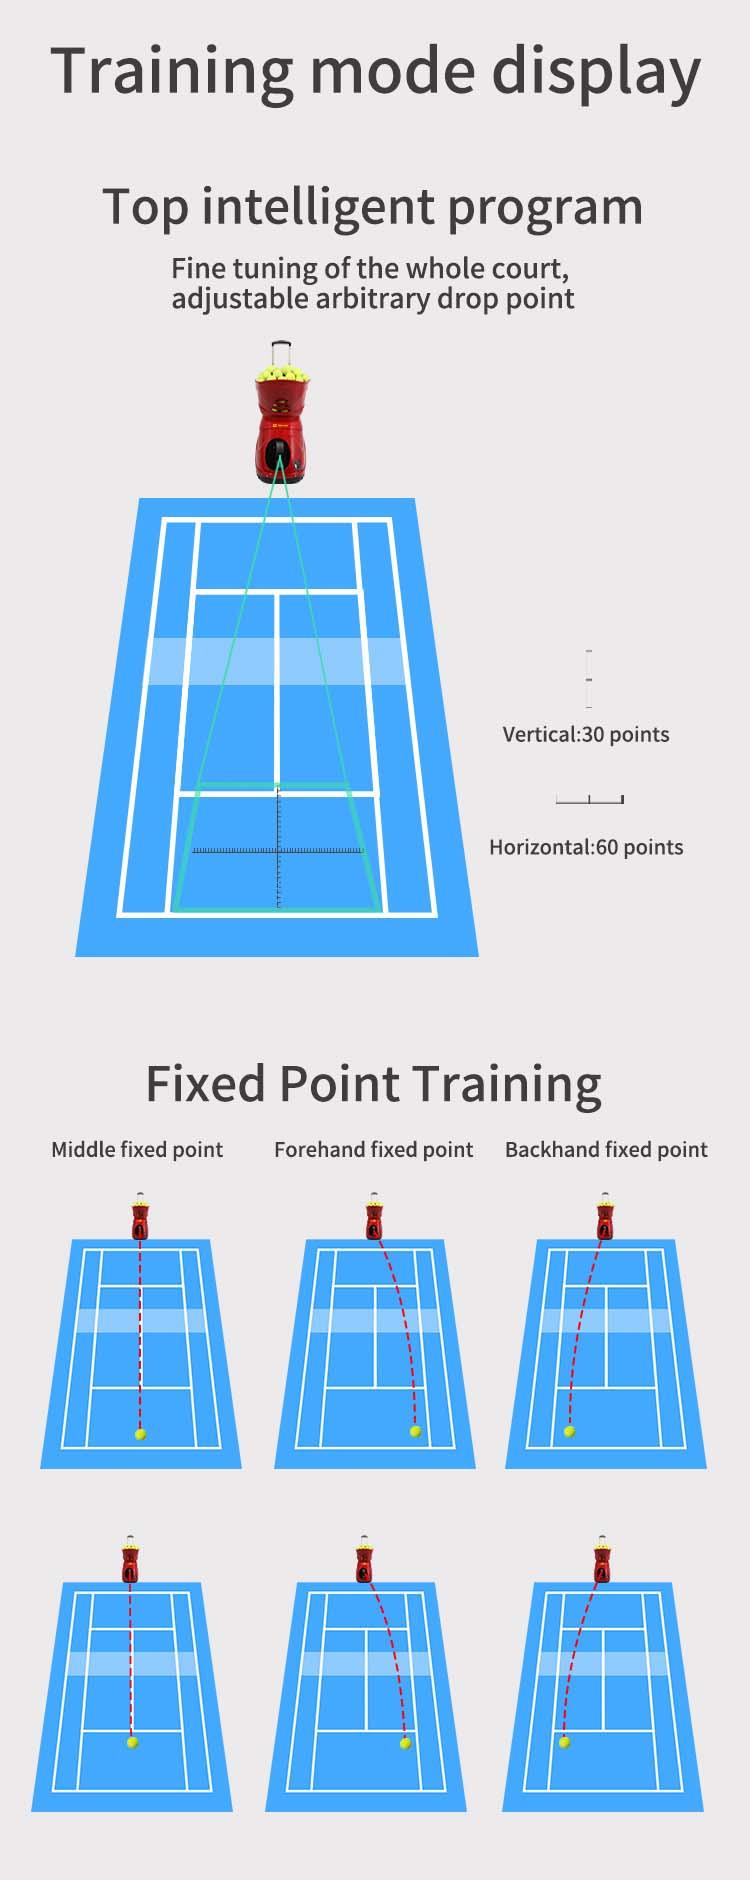 Tennis drills machine trainging